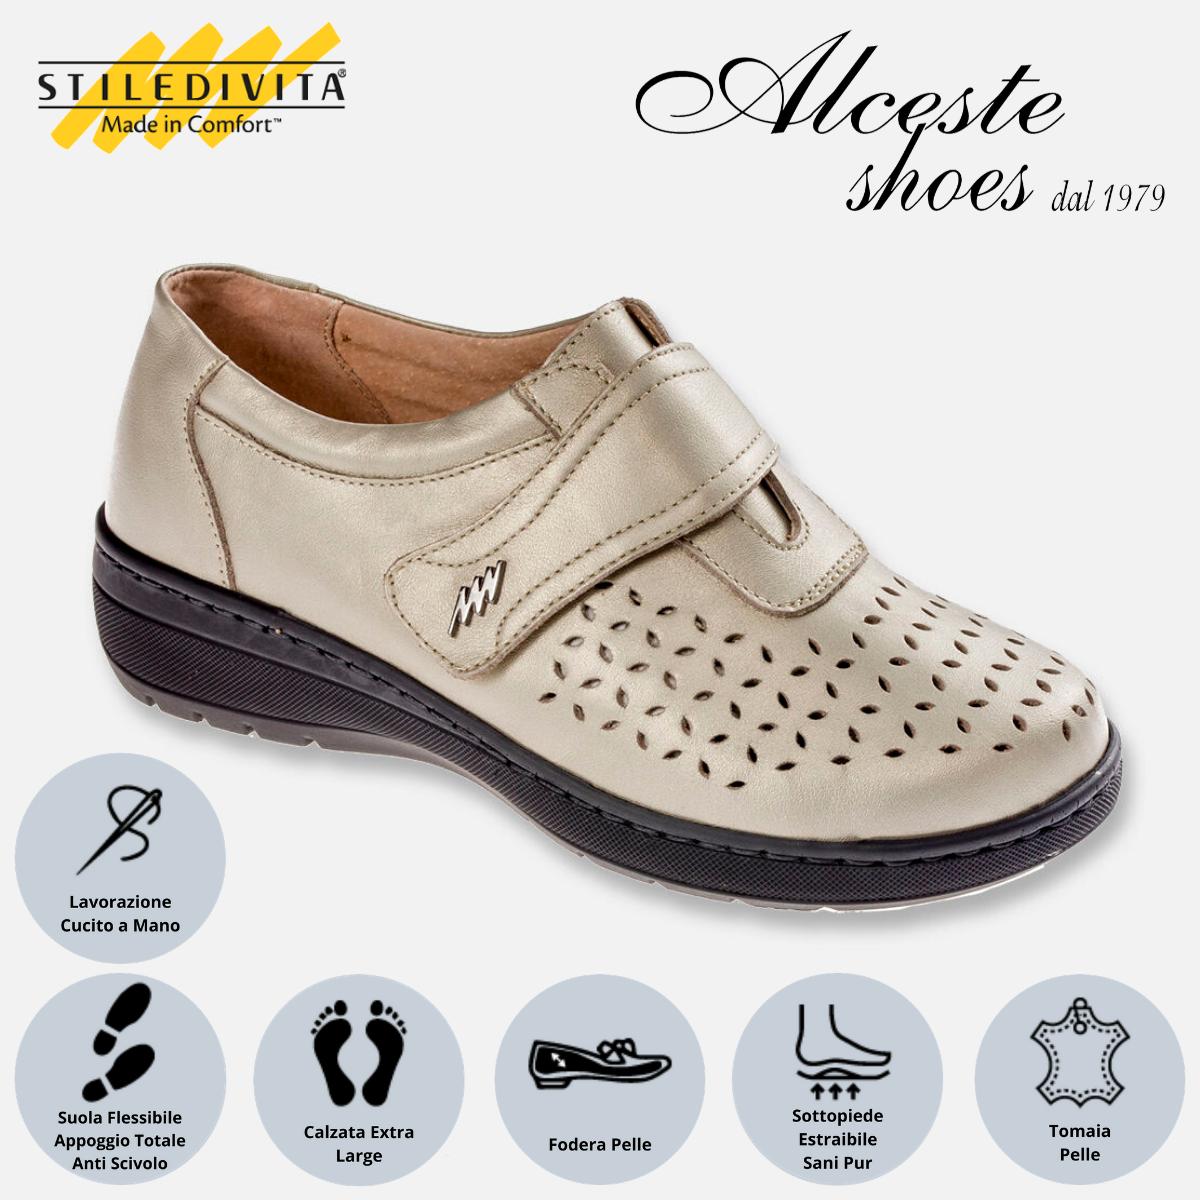 Scarpa Traforata con Strappo Stiledivita Art. 7178 Pelle Pietra Perlato Alceste Shoes 7178 Pietra